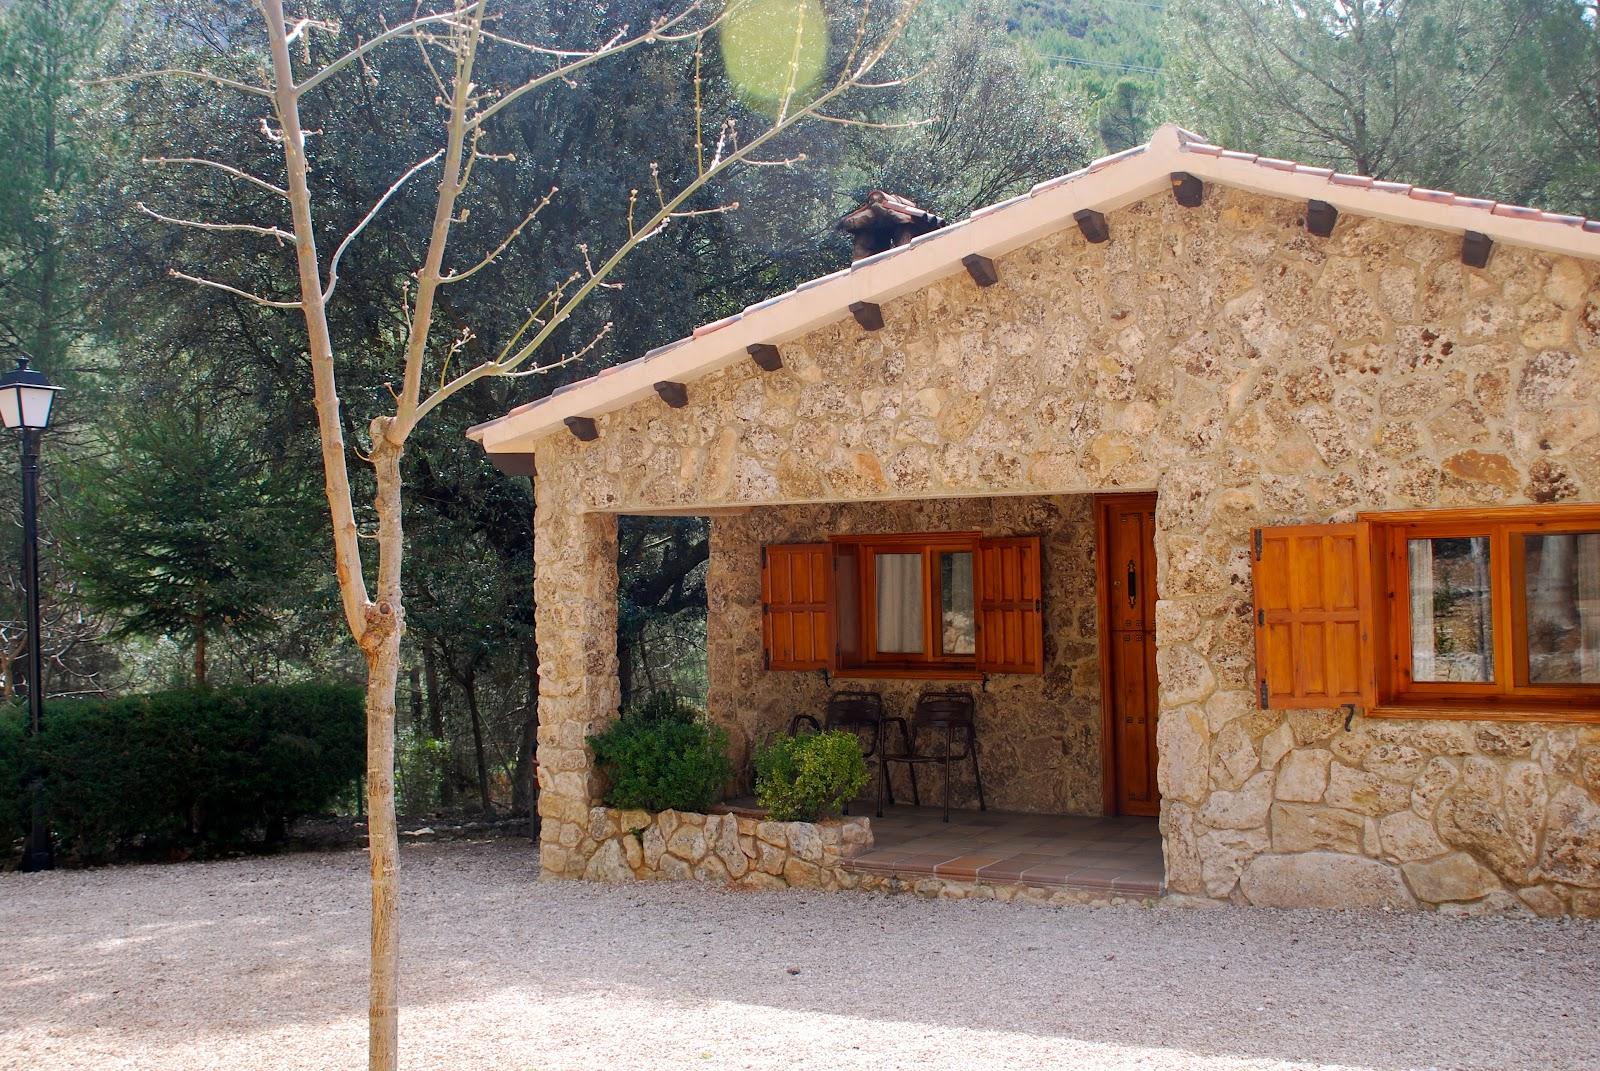 Casa rural para dos personas en casas rurales batan r o tus en yeste albacete casas rurales - Casa rural 16 personas ...